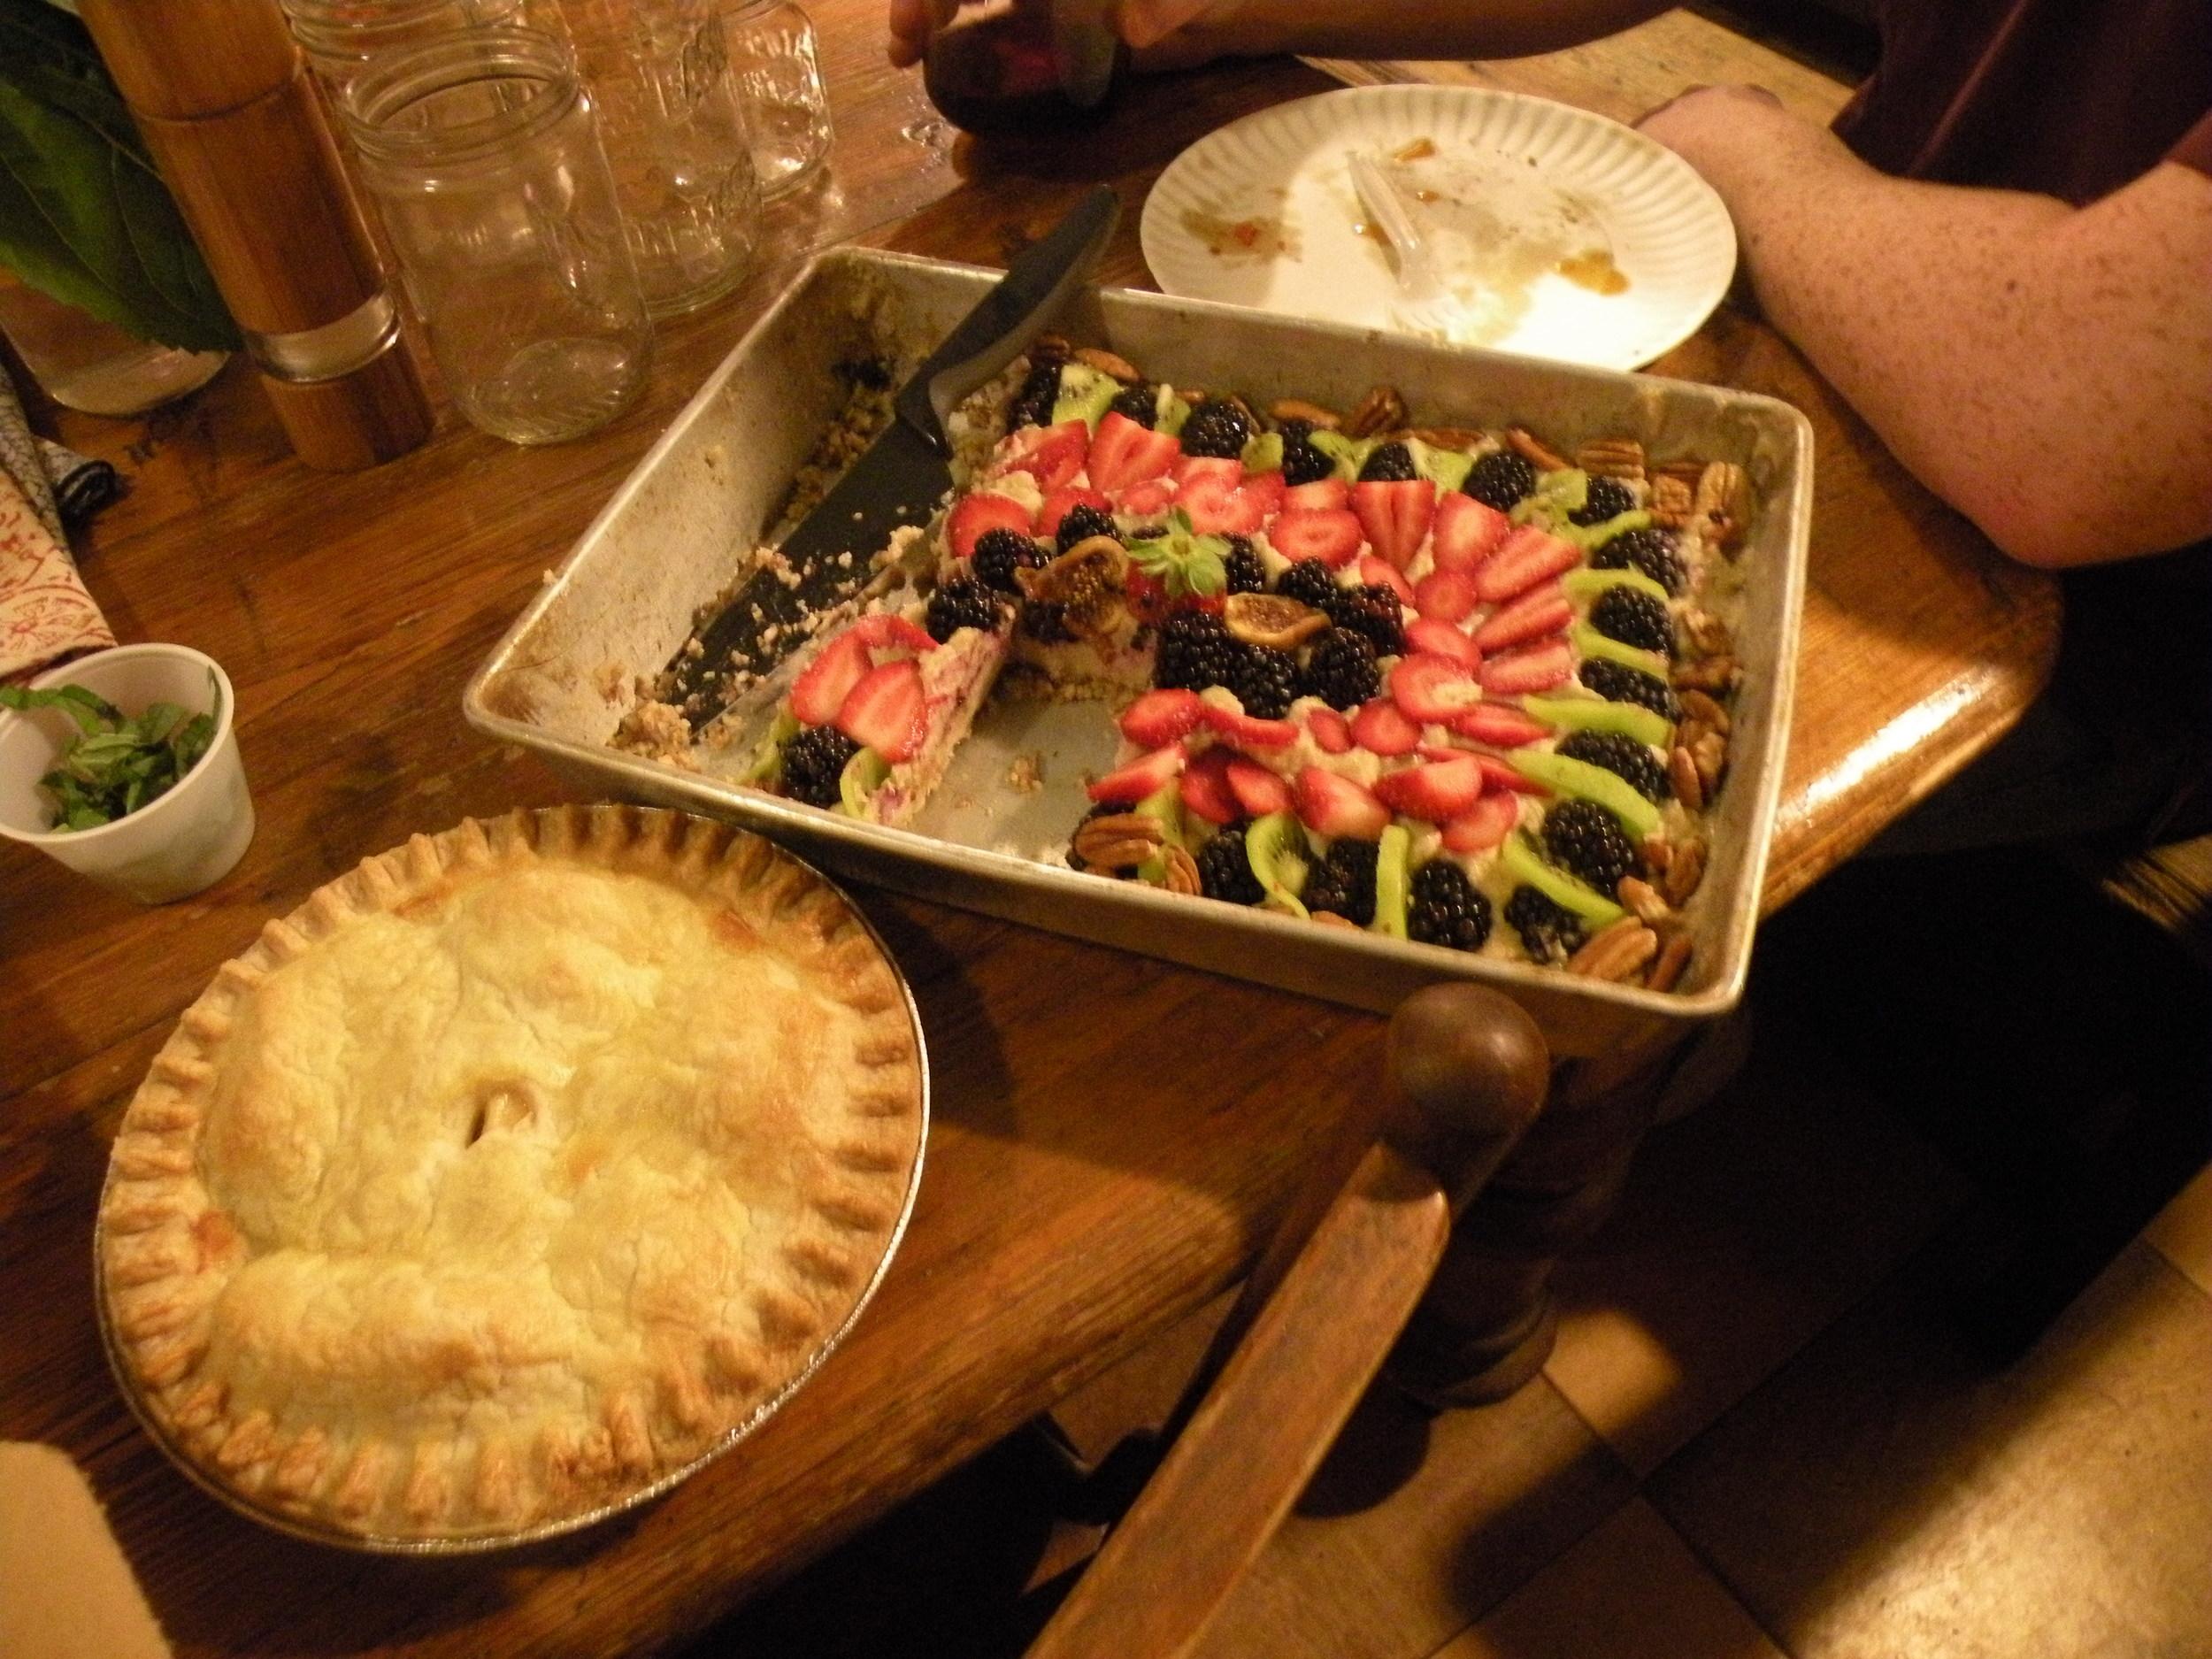 An impressive pie.